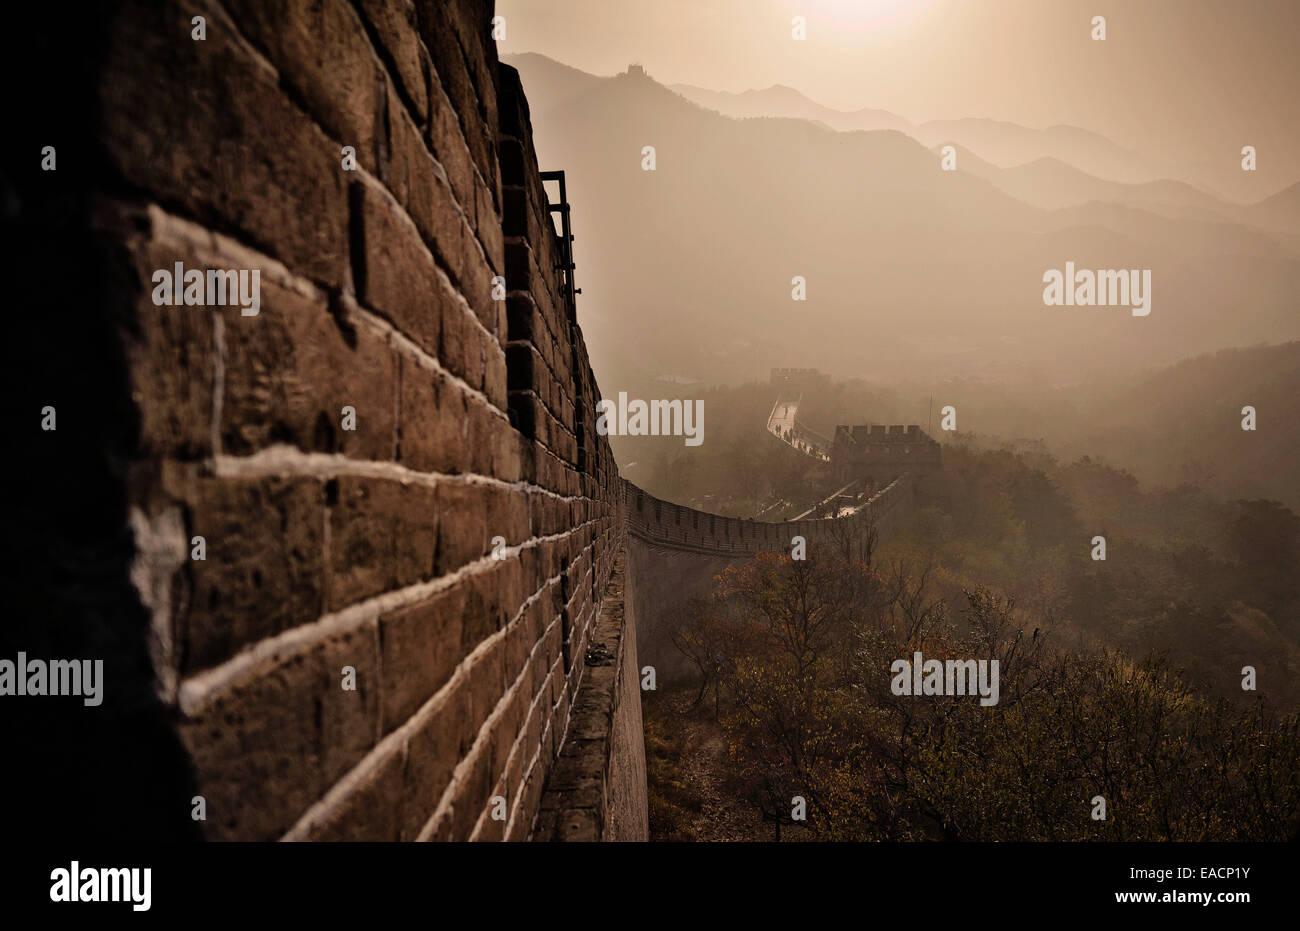 La Gran Muralla de China asciende al atardecer por encima del paisaje cubierto por el smog en Badaling, a unos 70km Imagen De Stock